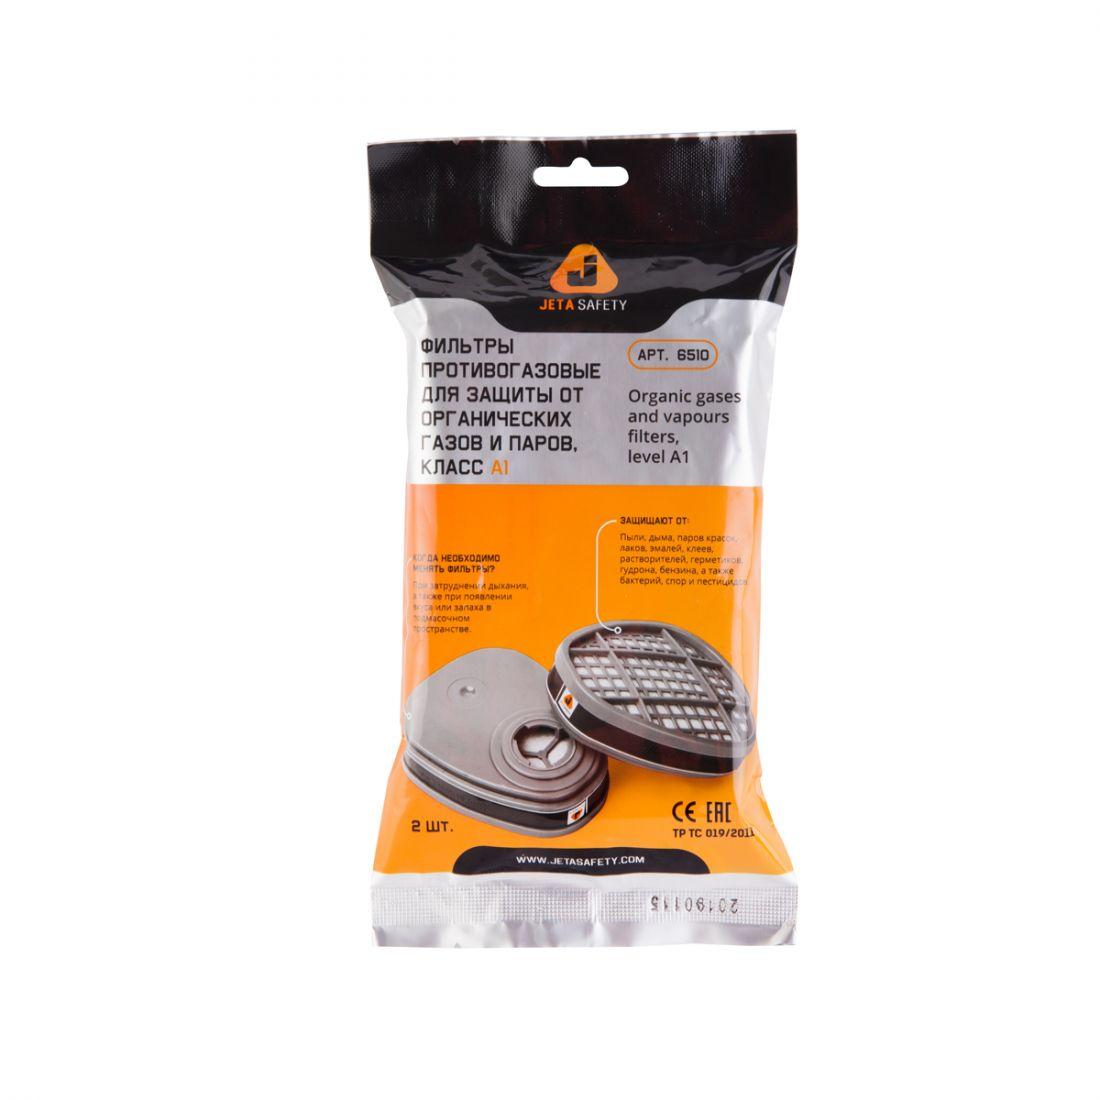 Jeta 6510 Фильтр противогазовый для защиты от органических газов и паров класса А1, (комплект 2 шт.)